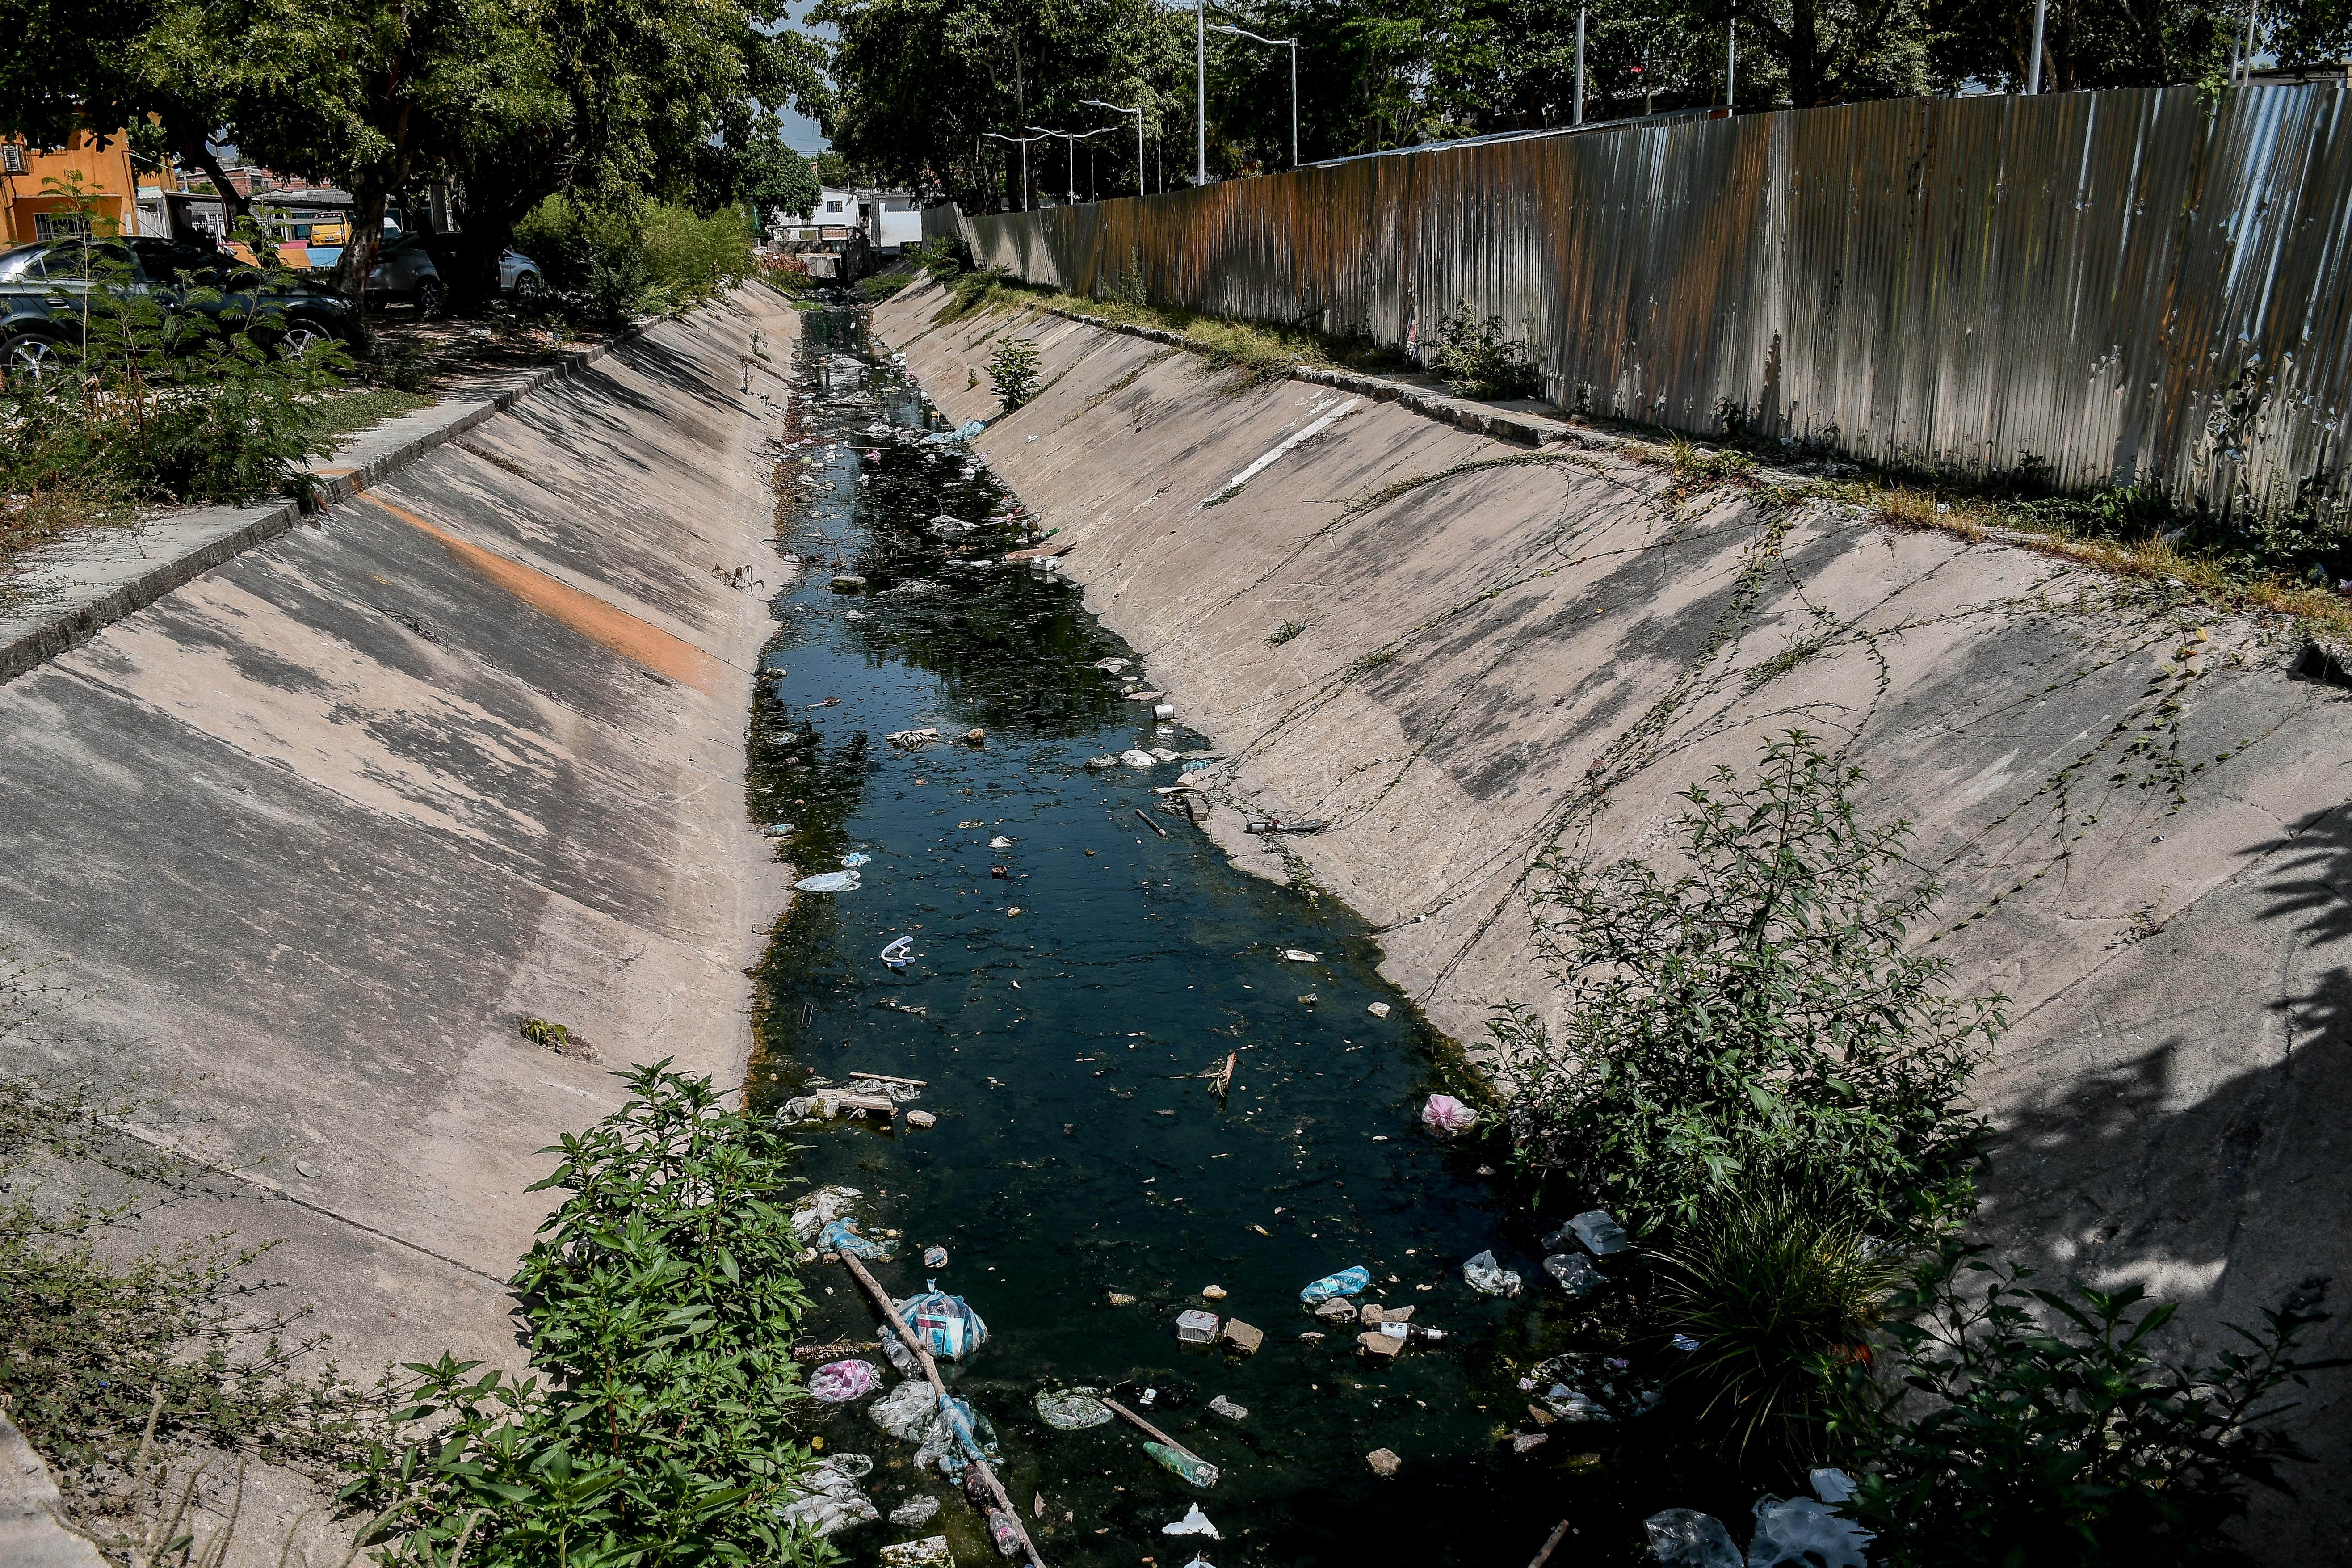 Aspecto del arroyo de la Ciudadela 20 de Julio, con aguas verdes y basuras en varios puntos.